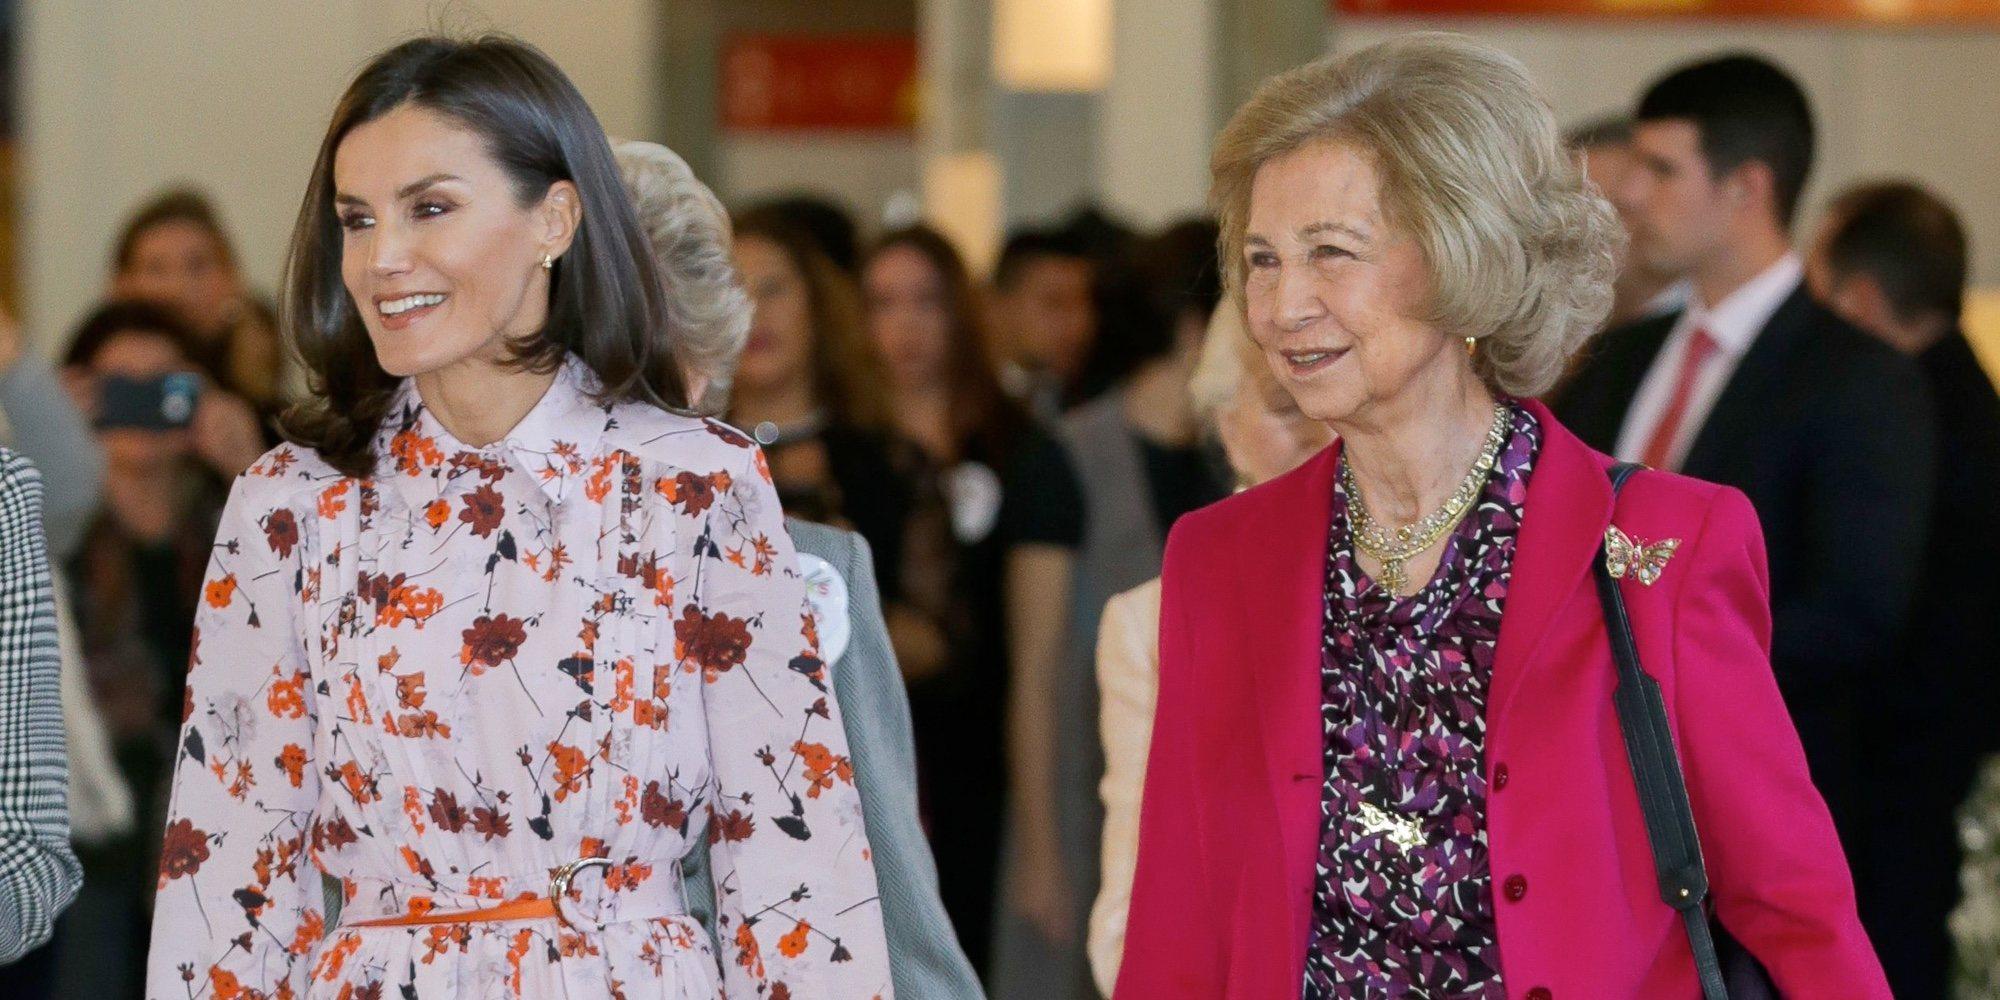 Las compras de la Reina Letizia y la Reina Sofía en el rastrillo: adornos y regalos para las Infantas Elena y Cristina